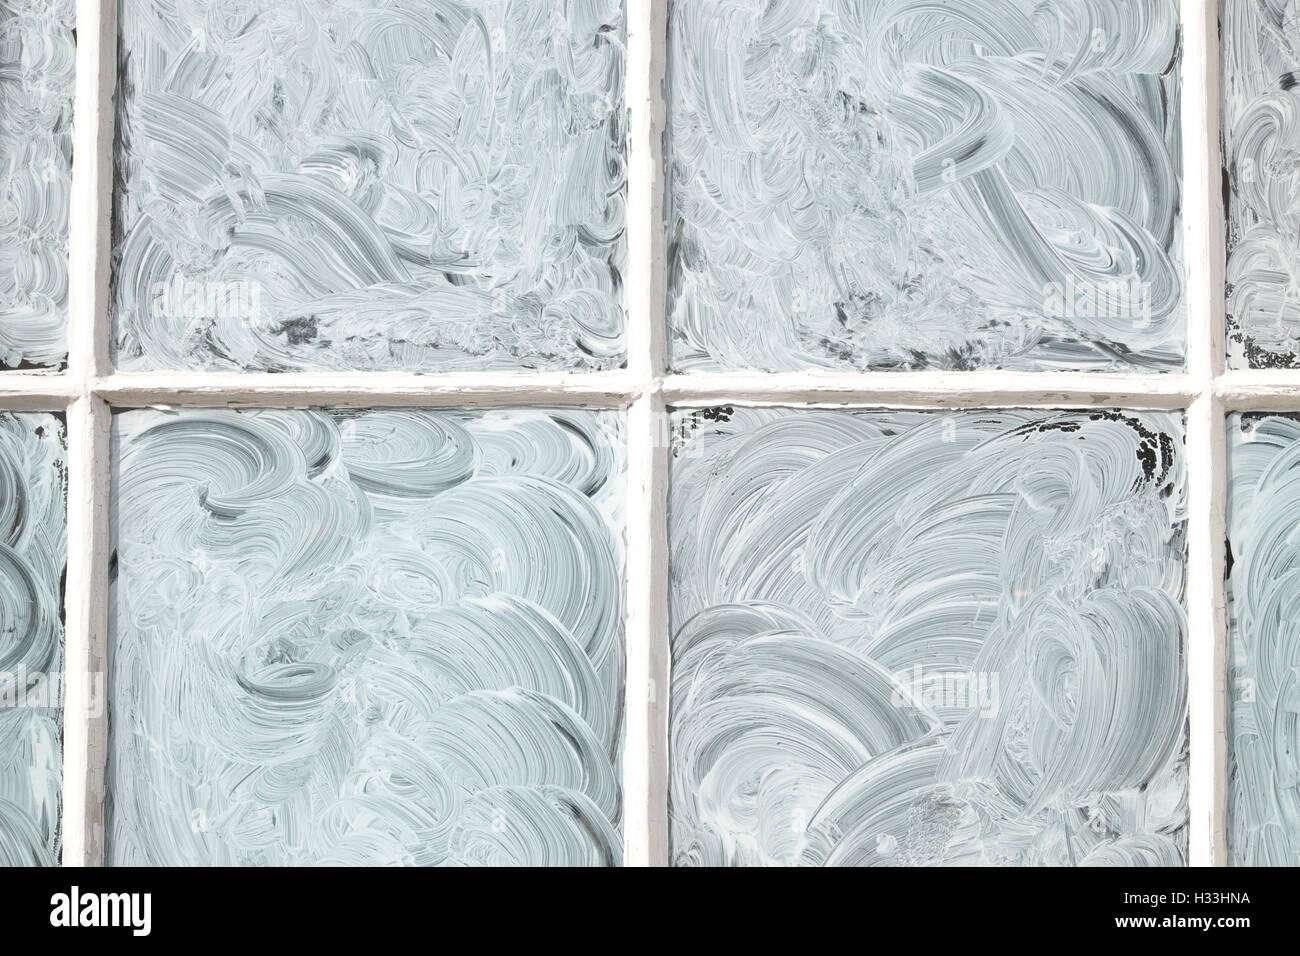 White washed window - Stock Image